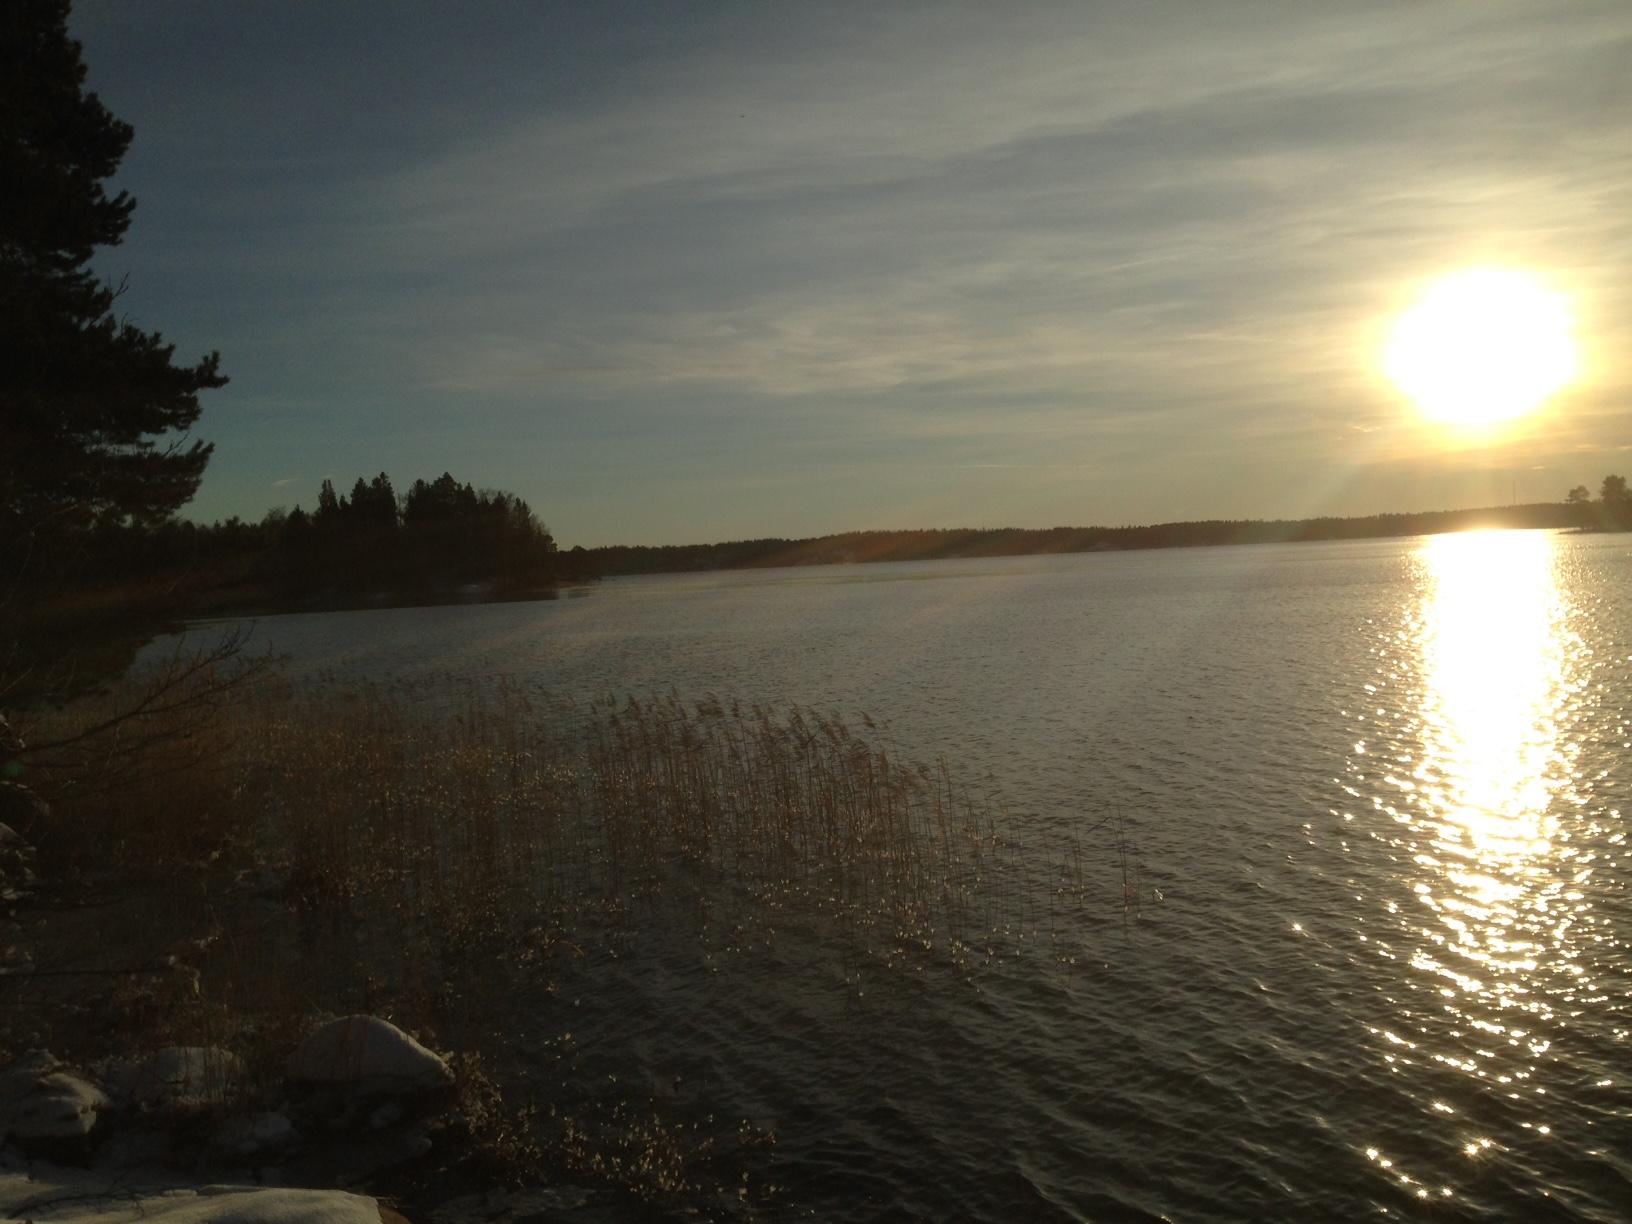 Västerfjärden i Furusund ligger fortfarande isfri, men vasskanterna börjar frysa till